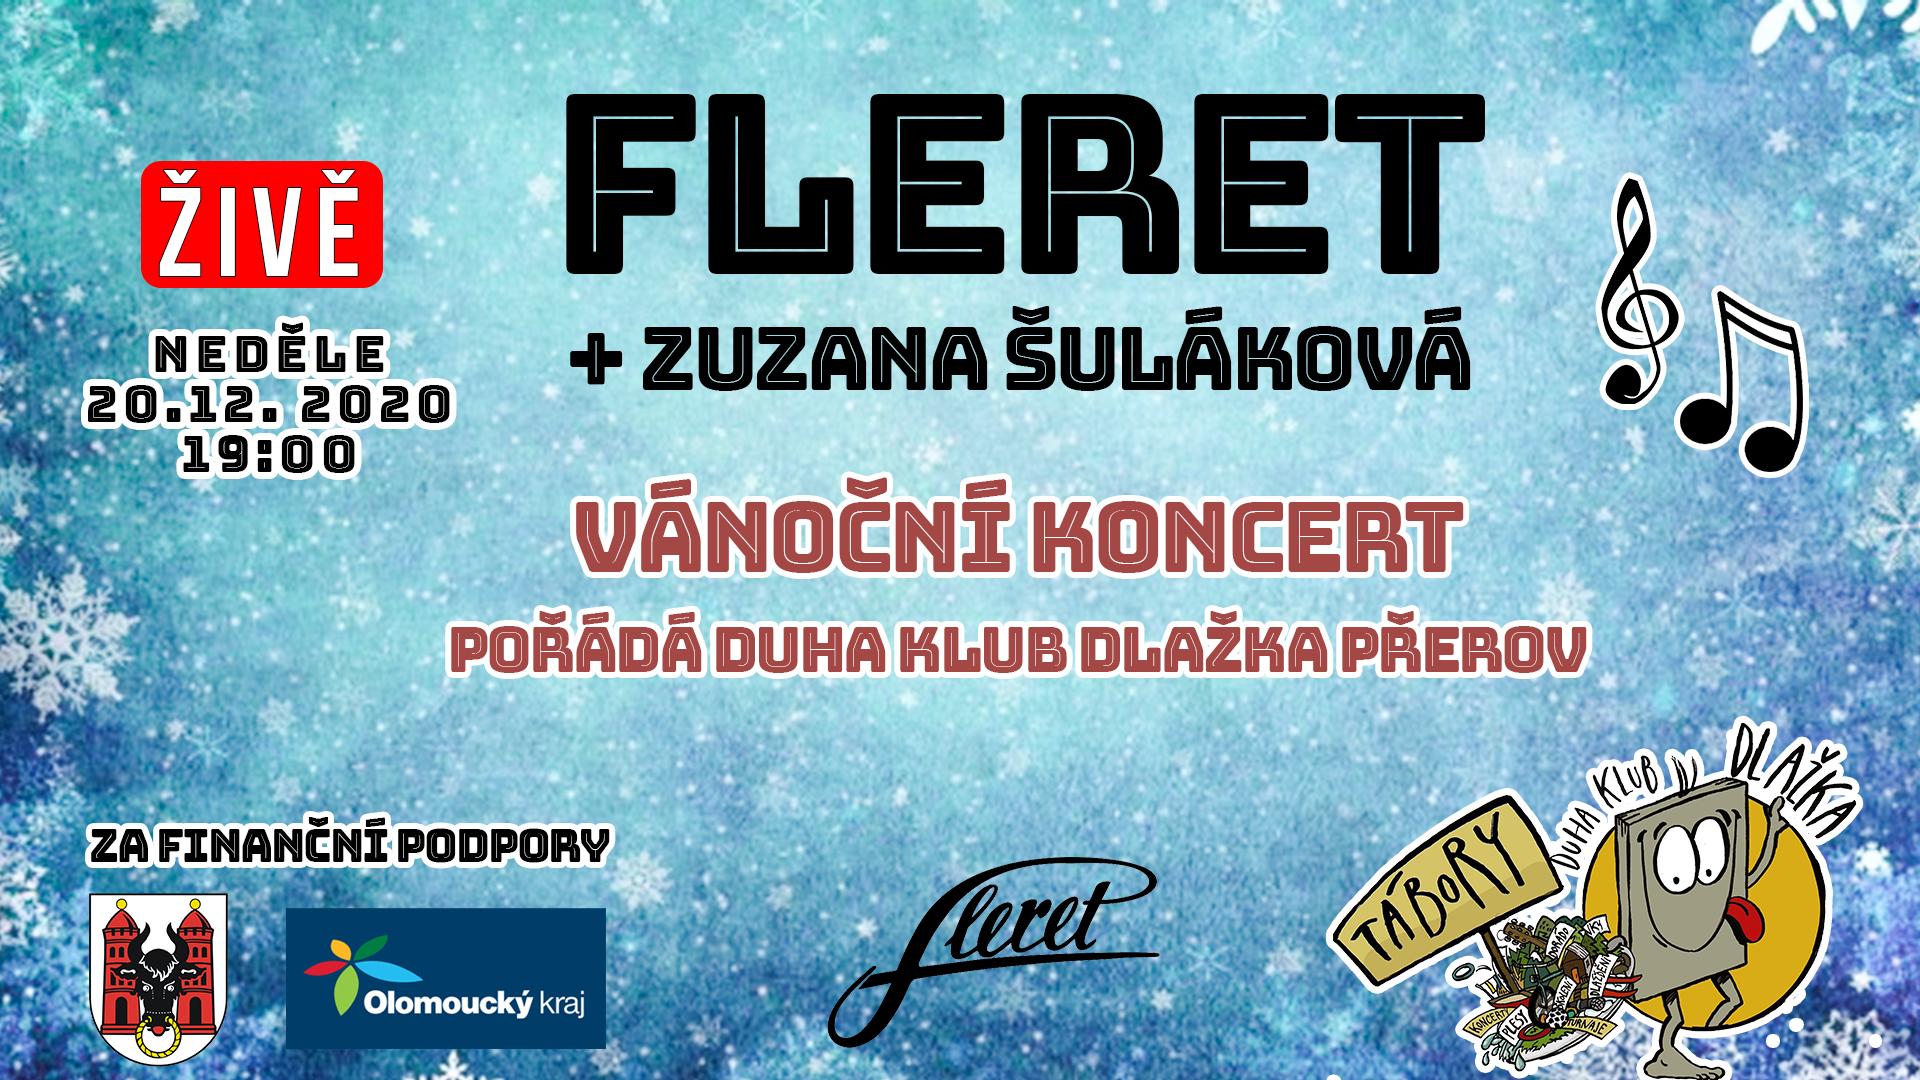 Online koncert kapely Fleret z přerovského Klubu Teplo už tuto neděli